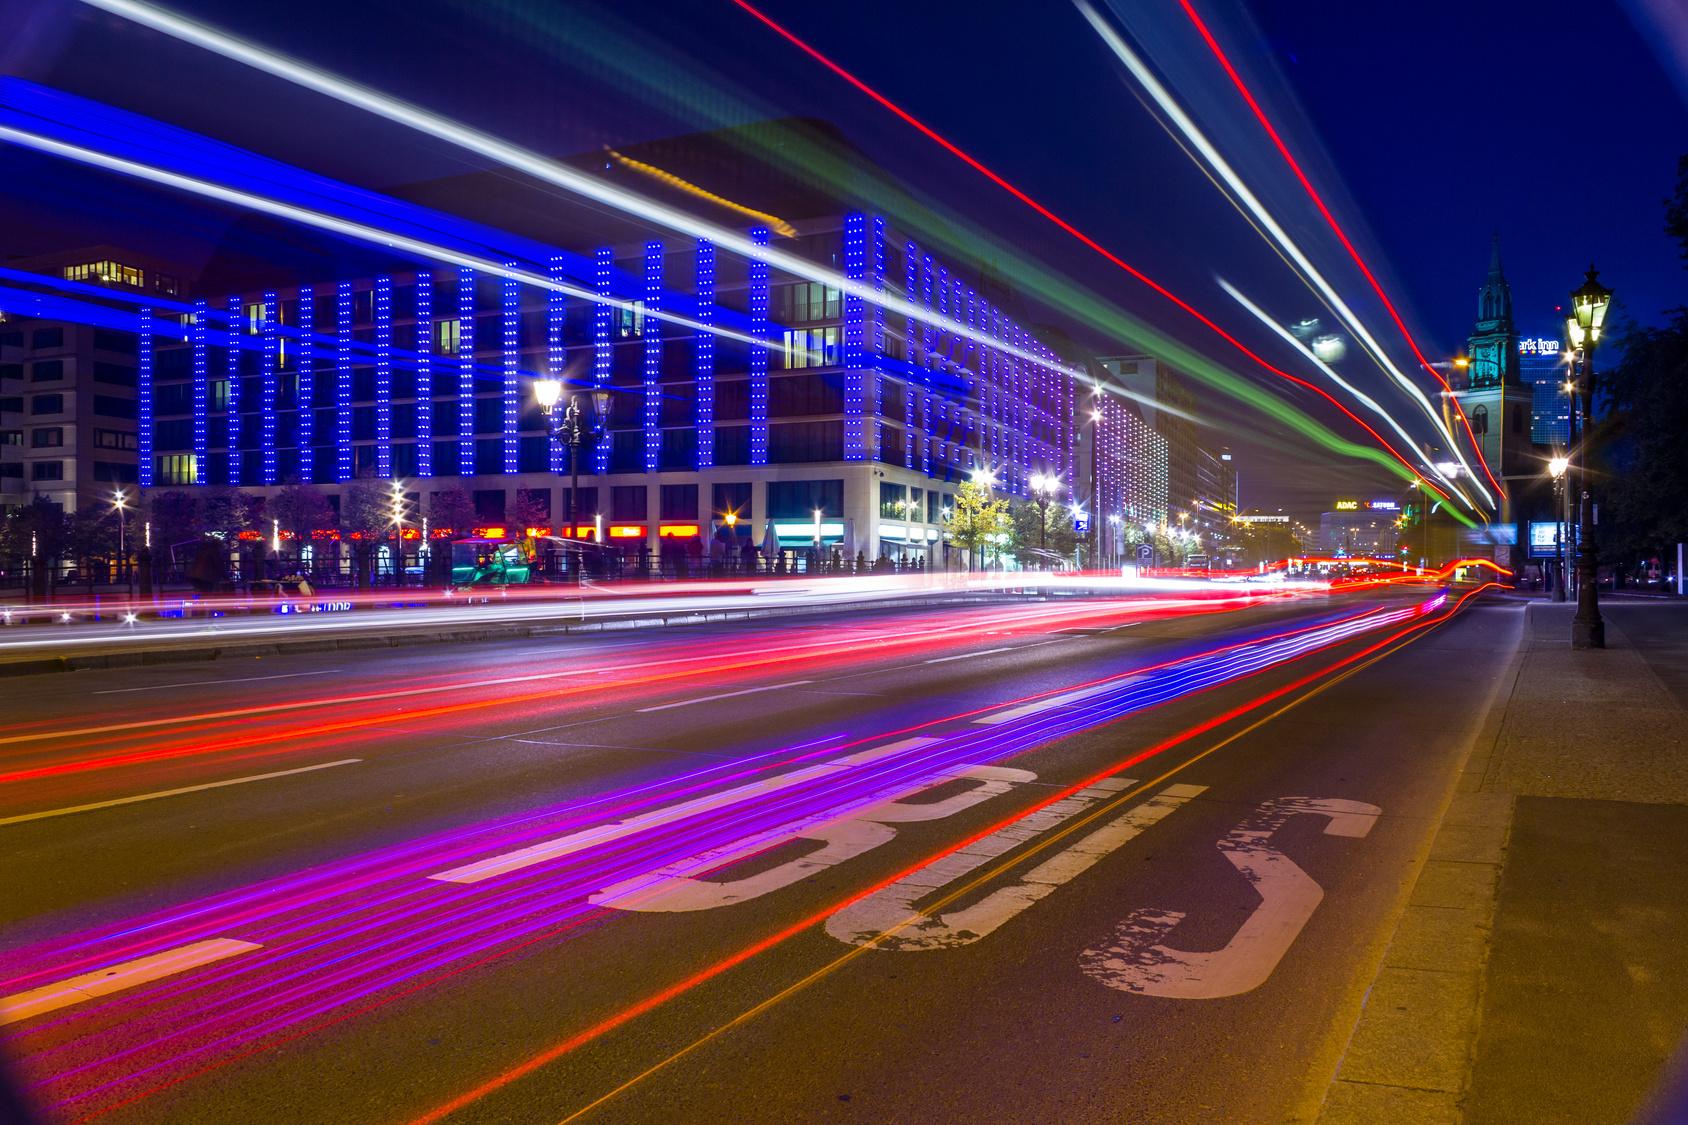 lichtmalerei bus - Bewerbung Berlin Tag Und Nacht